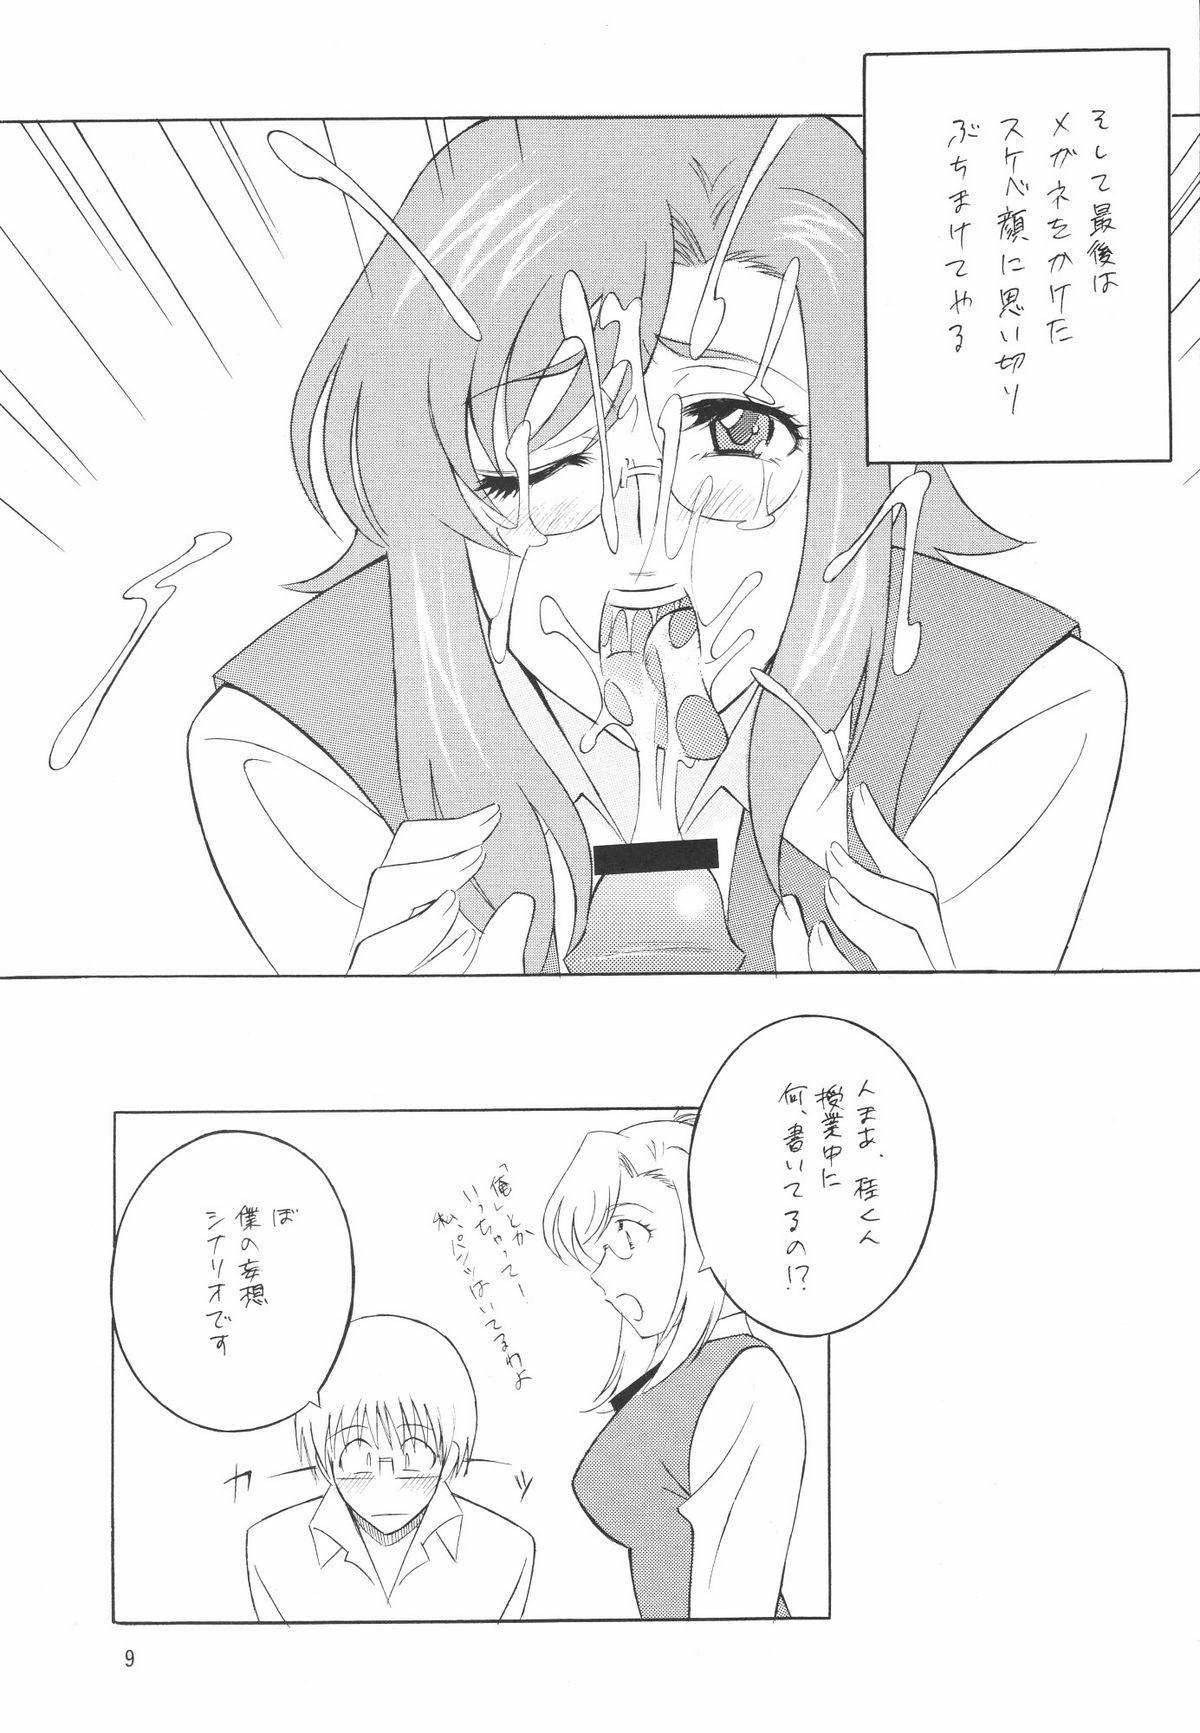 Megane no Sensei ha Suki Desuka? 9